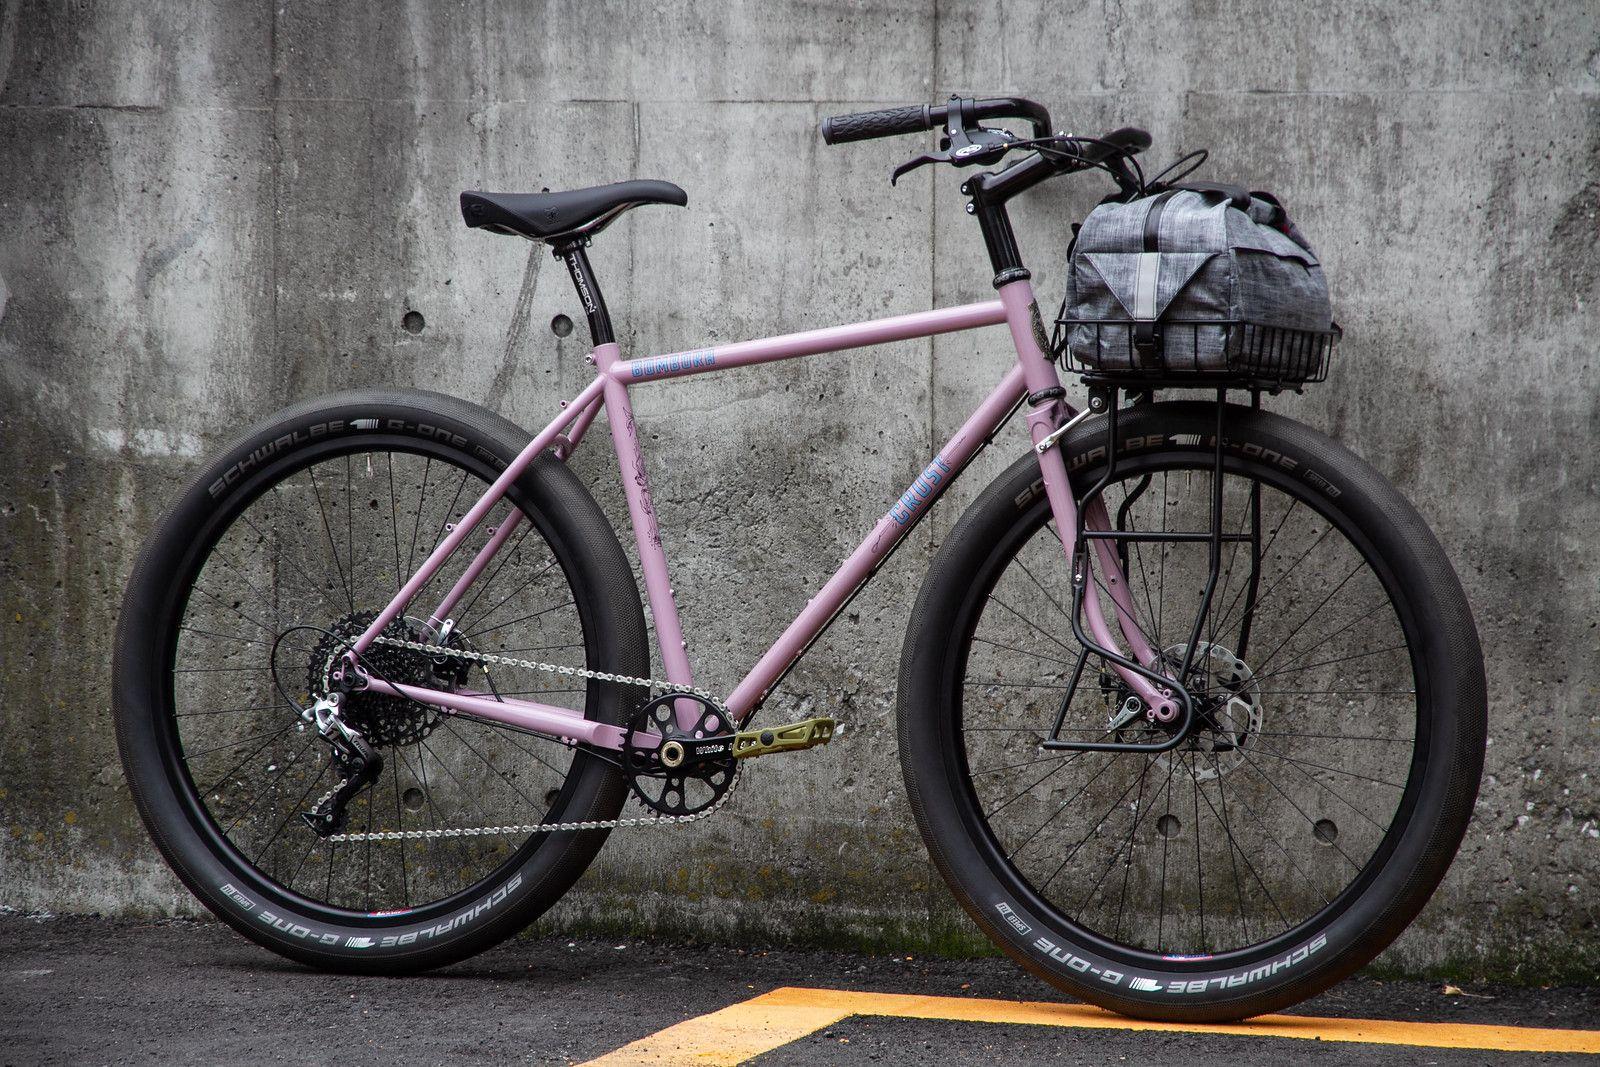 Crust Bikes Bombora S Bike Bike Ride Bicycle